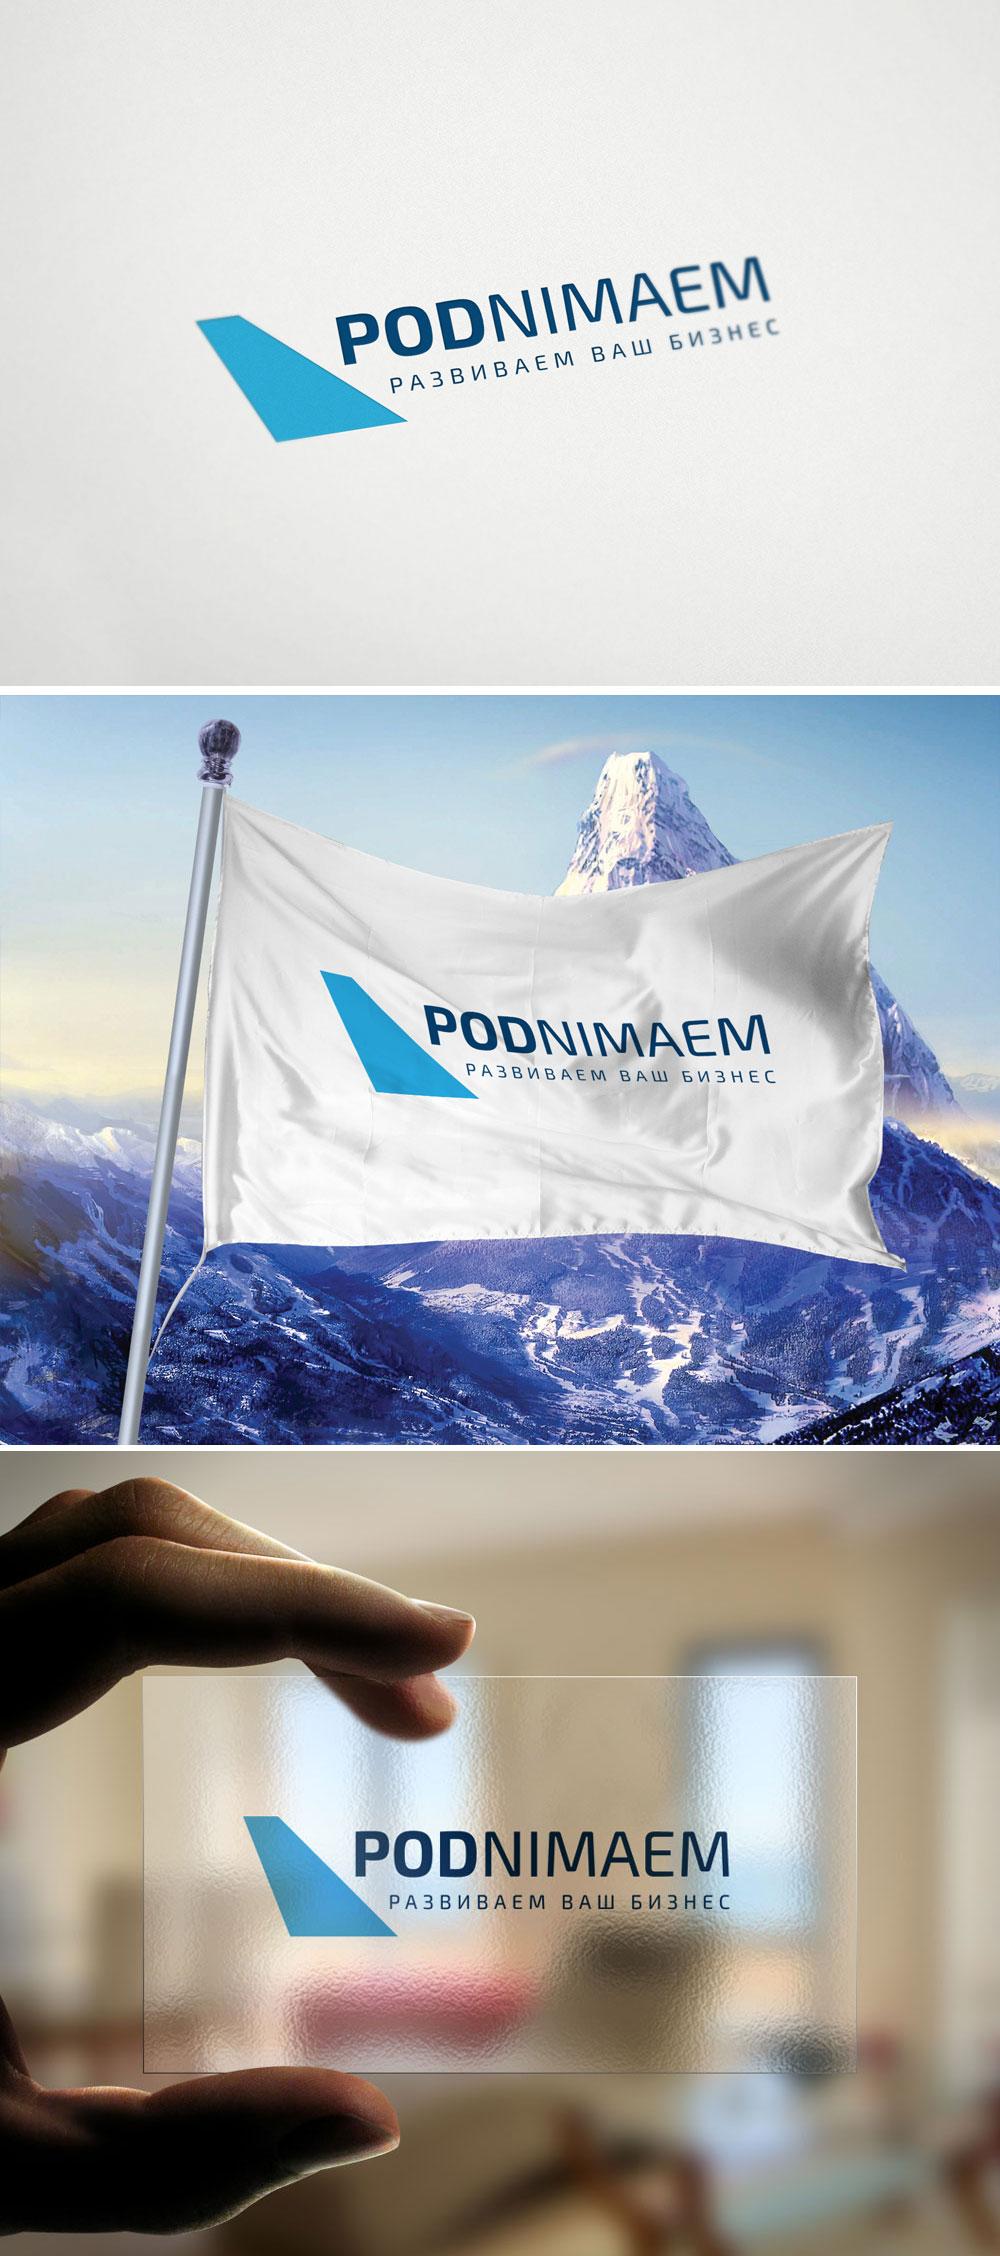 Разработать логотип + визитку + логотип для печати ООО +++ фото f_309554c8b0e97130.jpg